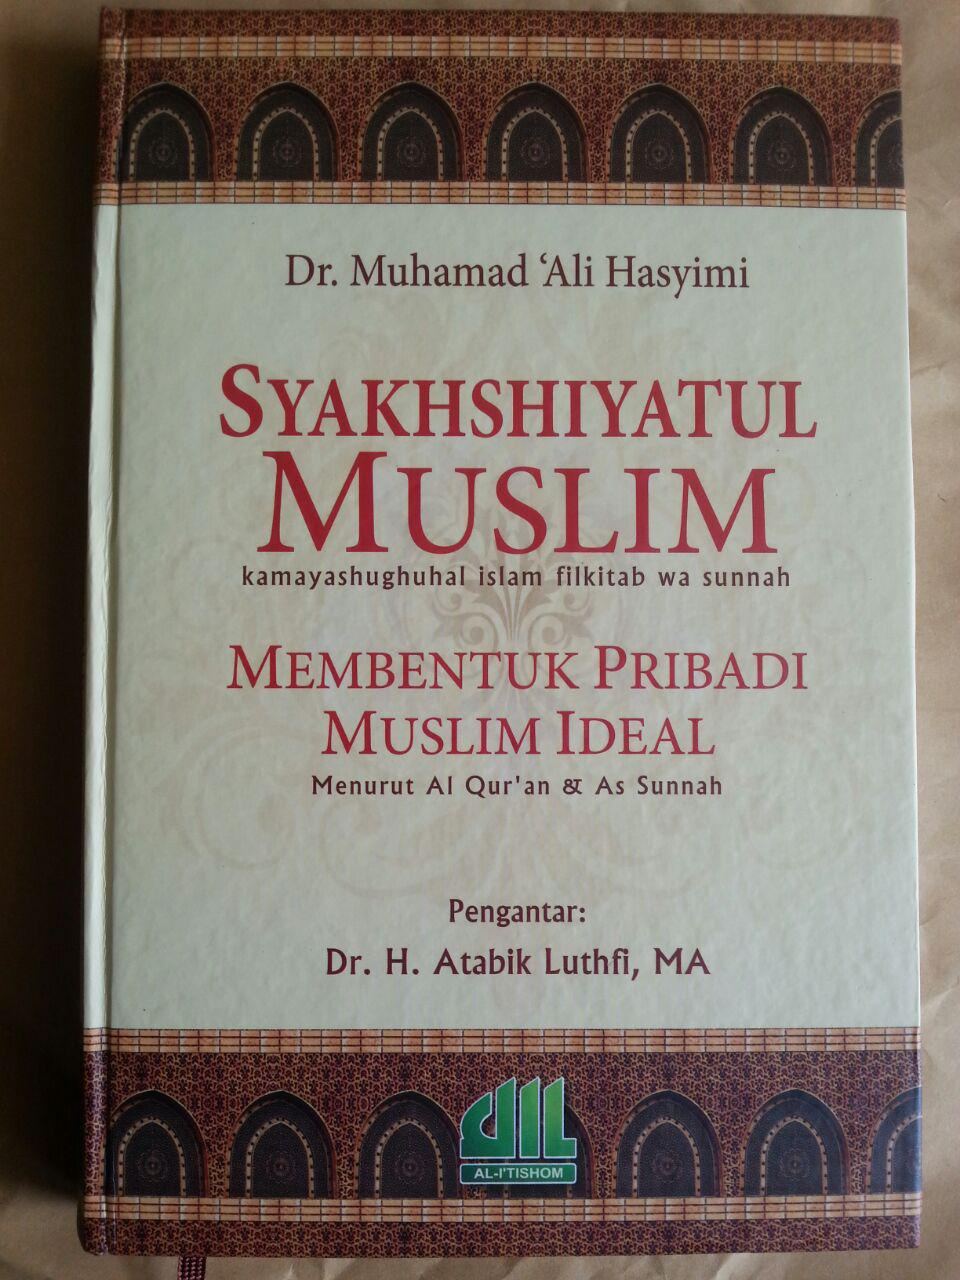 Buku Syakhshiyatul Muslim Membentuk Pribadi Muslim Ideal cover 2